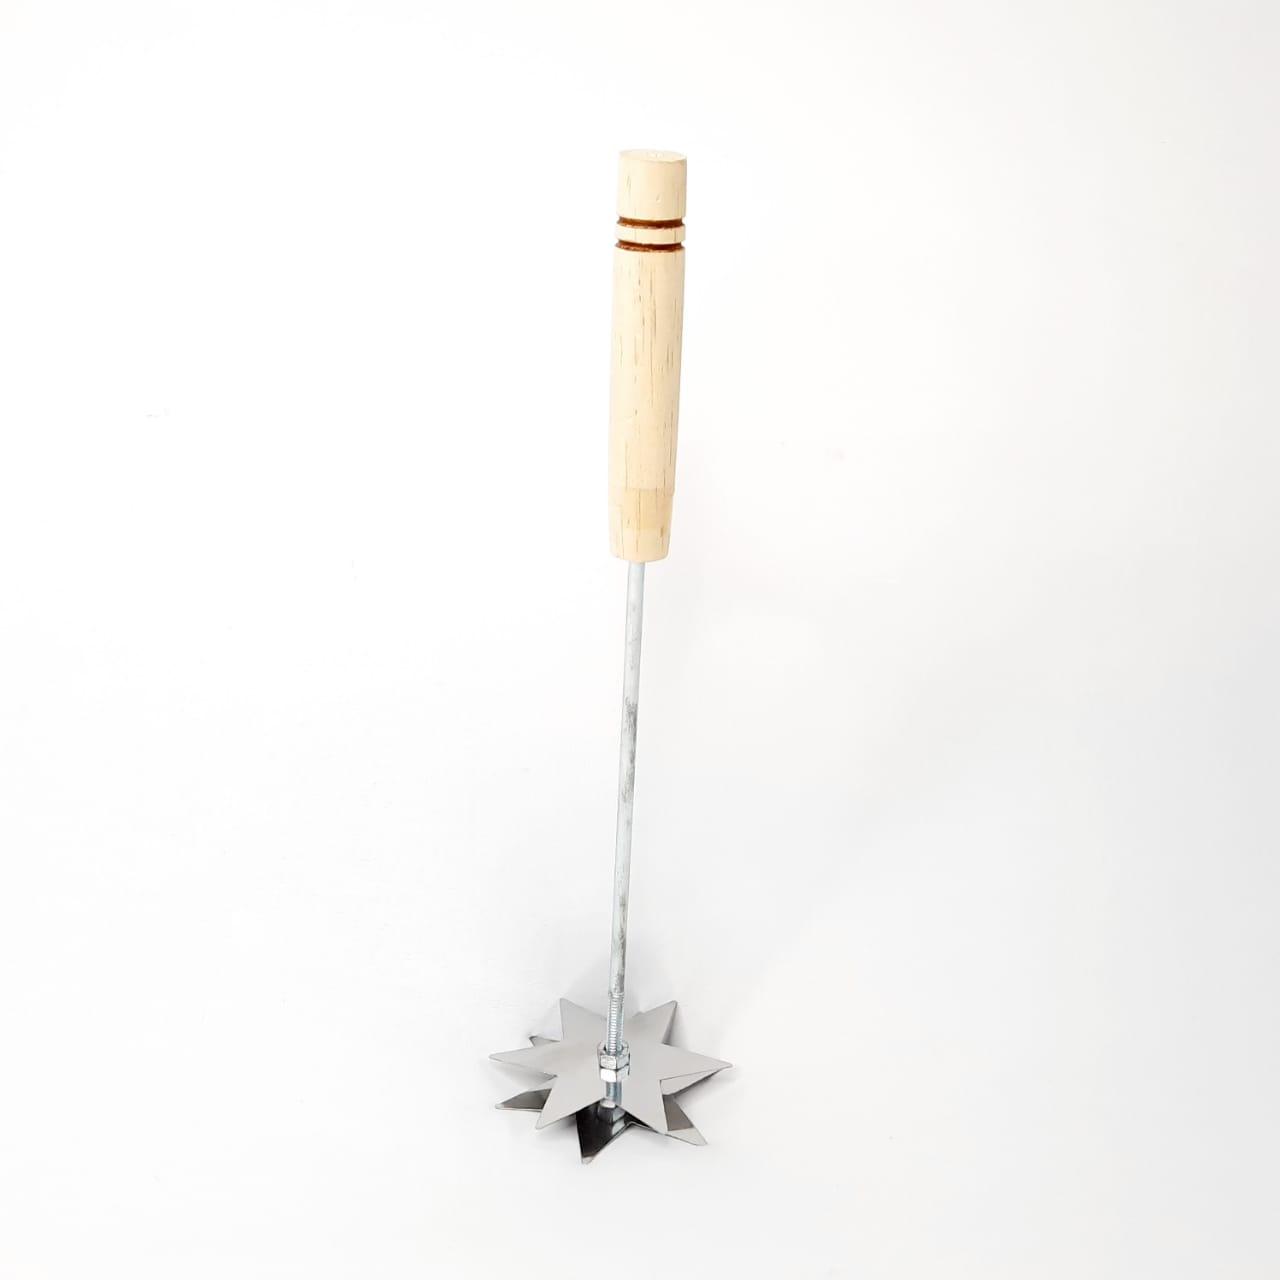 Cortador Inox de Feijão Tupy